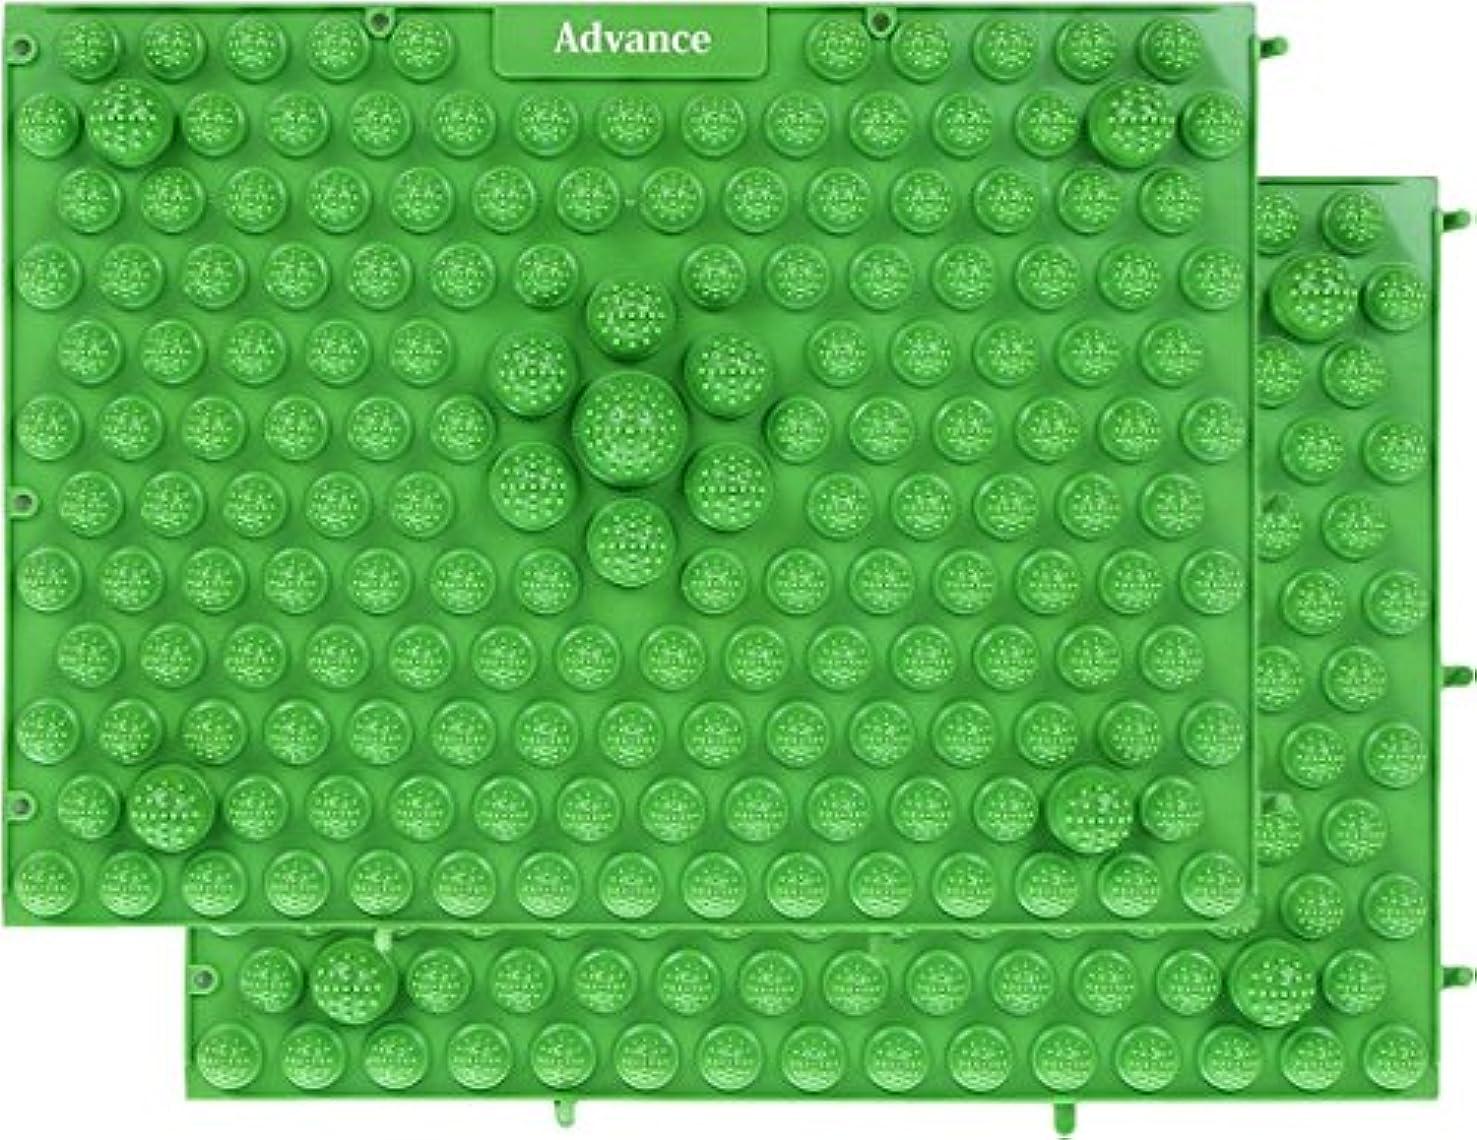 魅力的であることへのアピールオートメーションアソシエイト[OneStepAdvance] 足つぼ健康マット 足踏みマッサージ 37×27cm 2枚セット (グリーン)